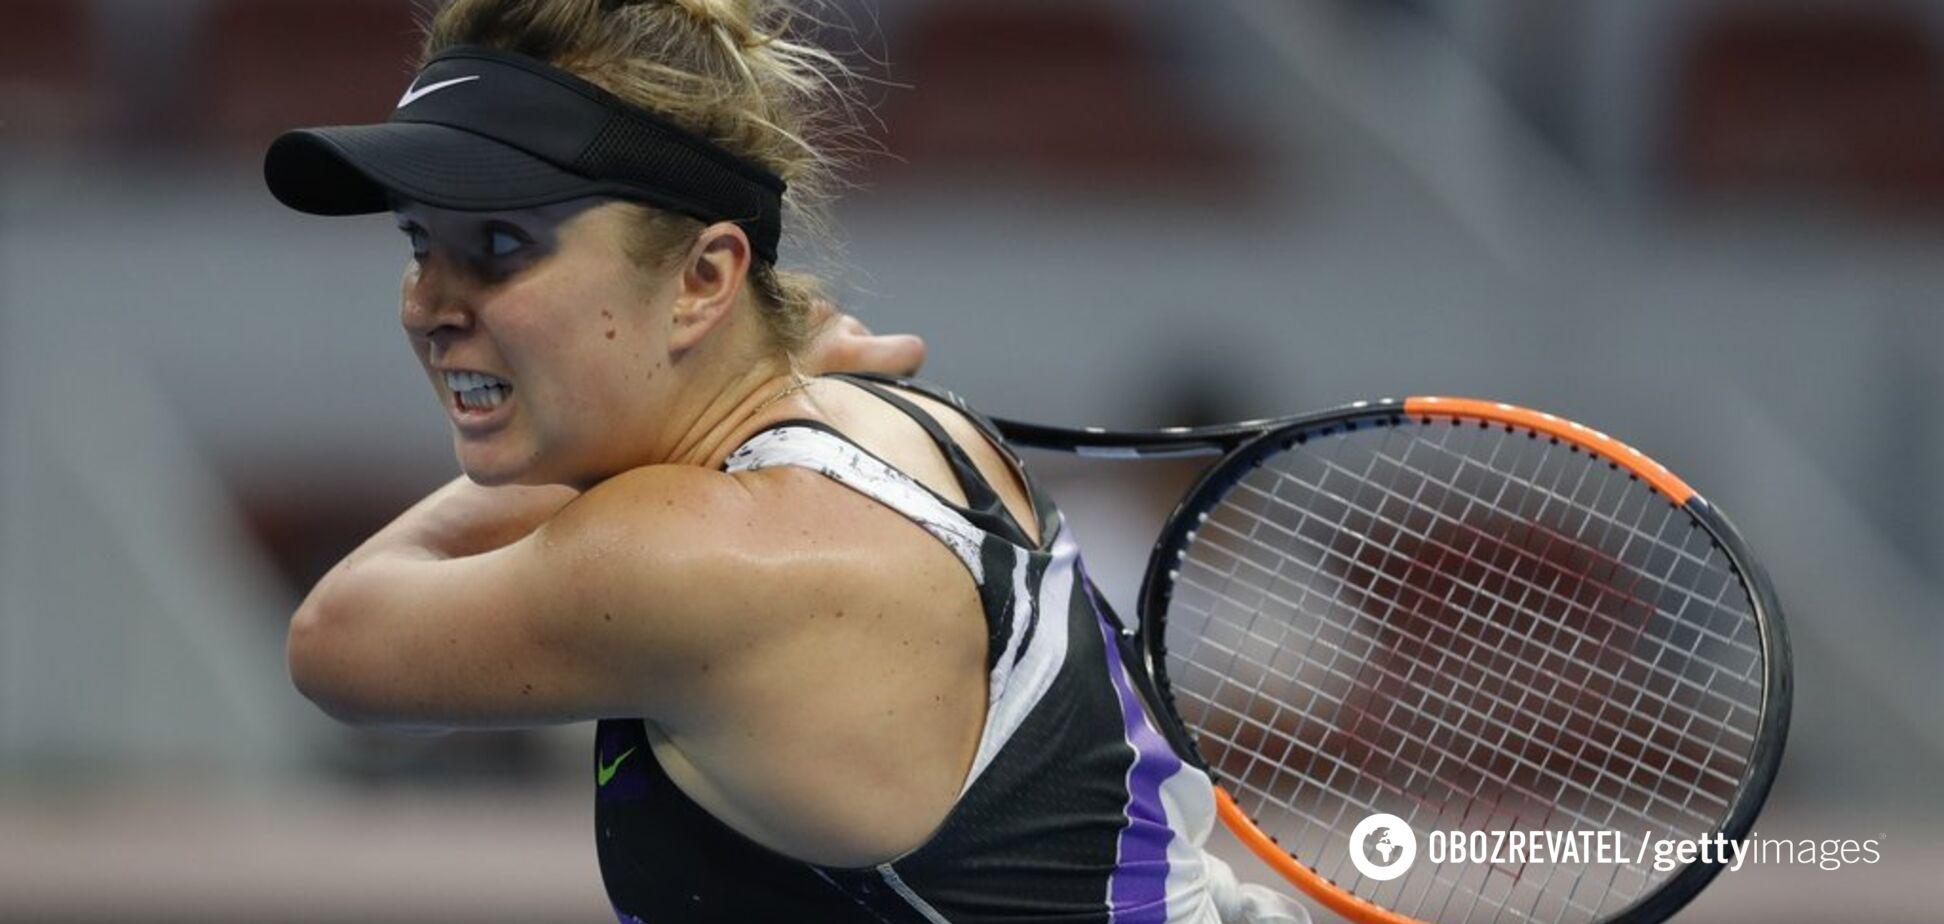 Світоліна перевернула матч і здобула драматичну перемогу на турнірі в Китаї